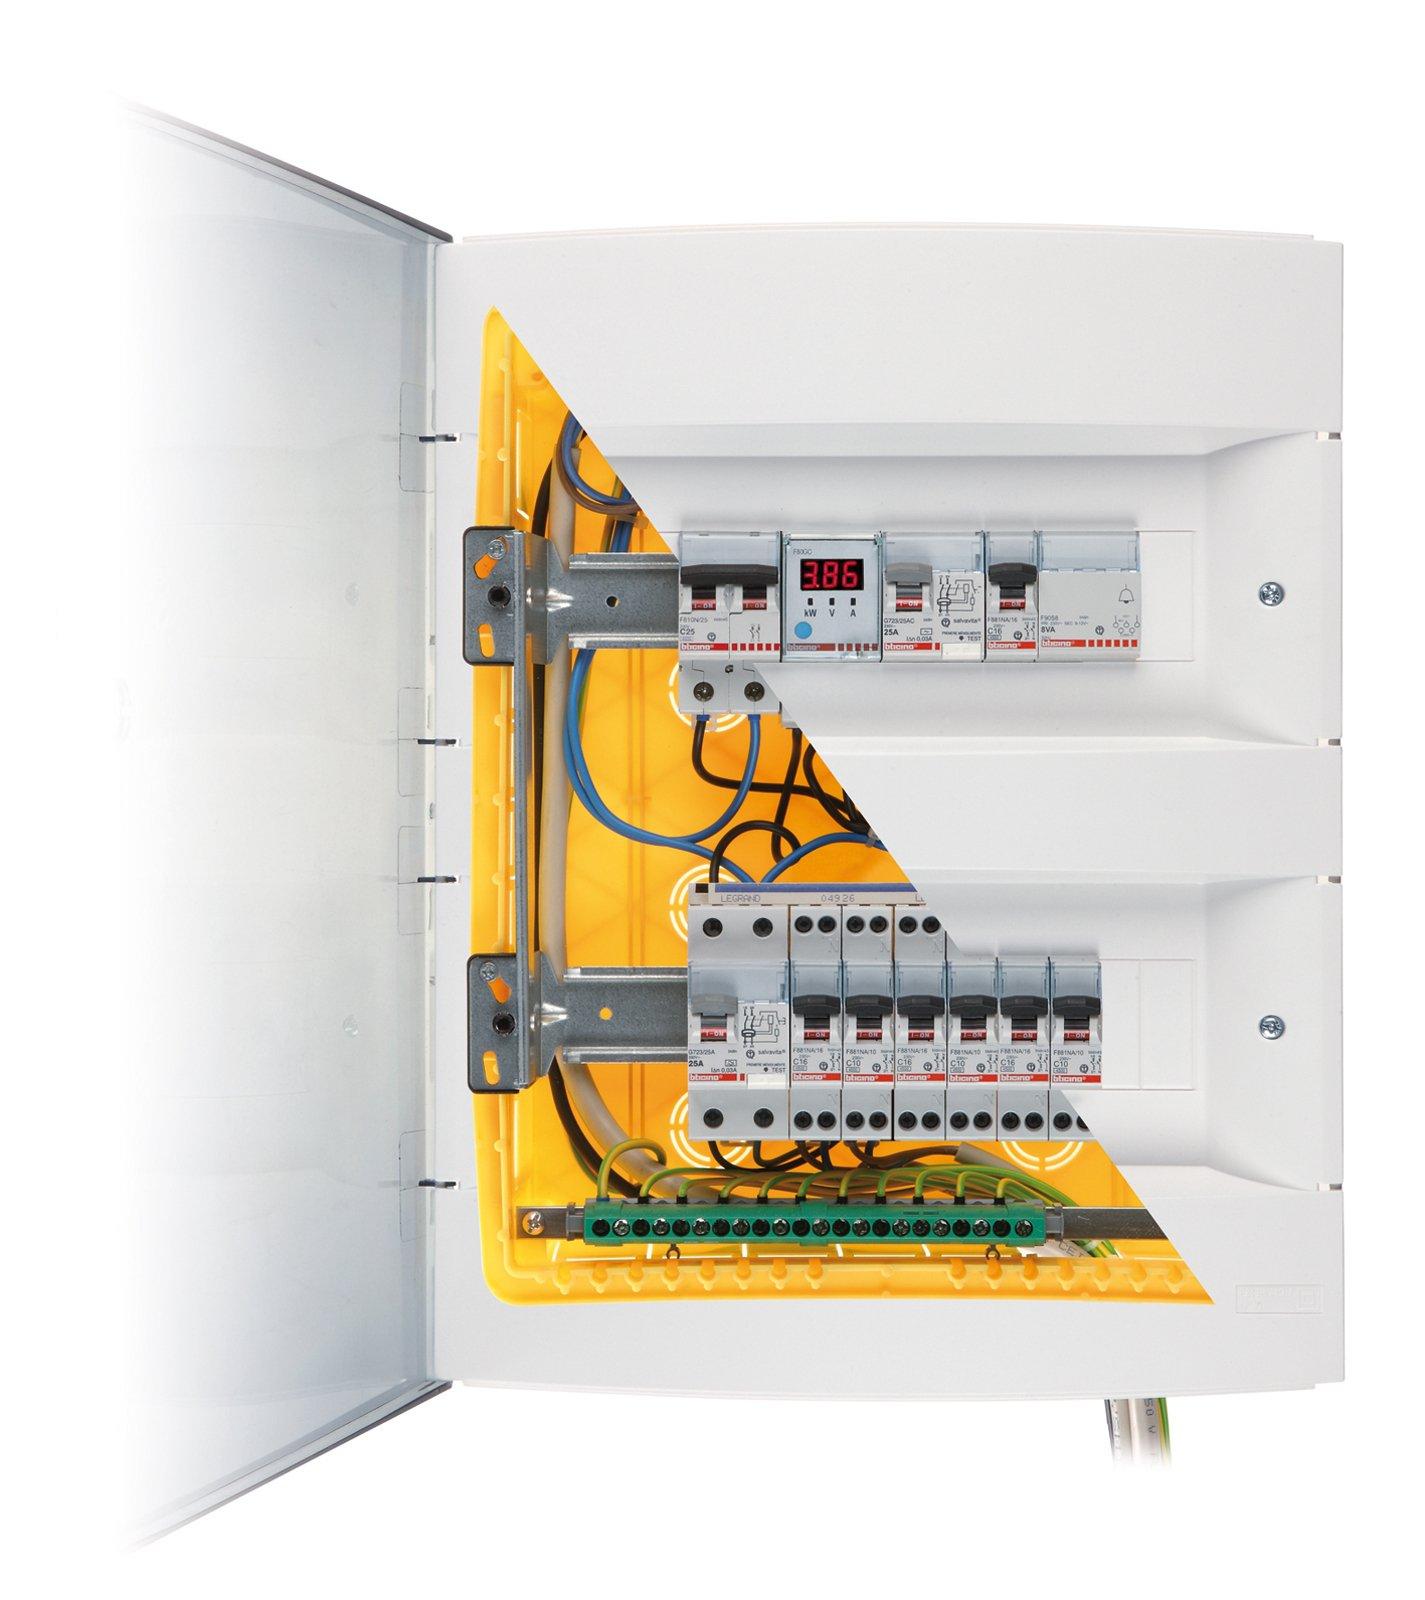 Casa immobiliare accessori prezzi fili elettrici - Impianto elettrico casa prezzi ...